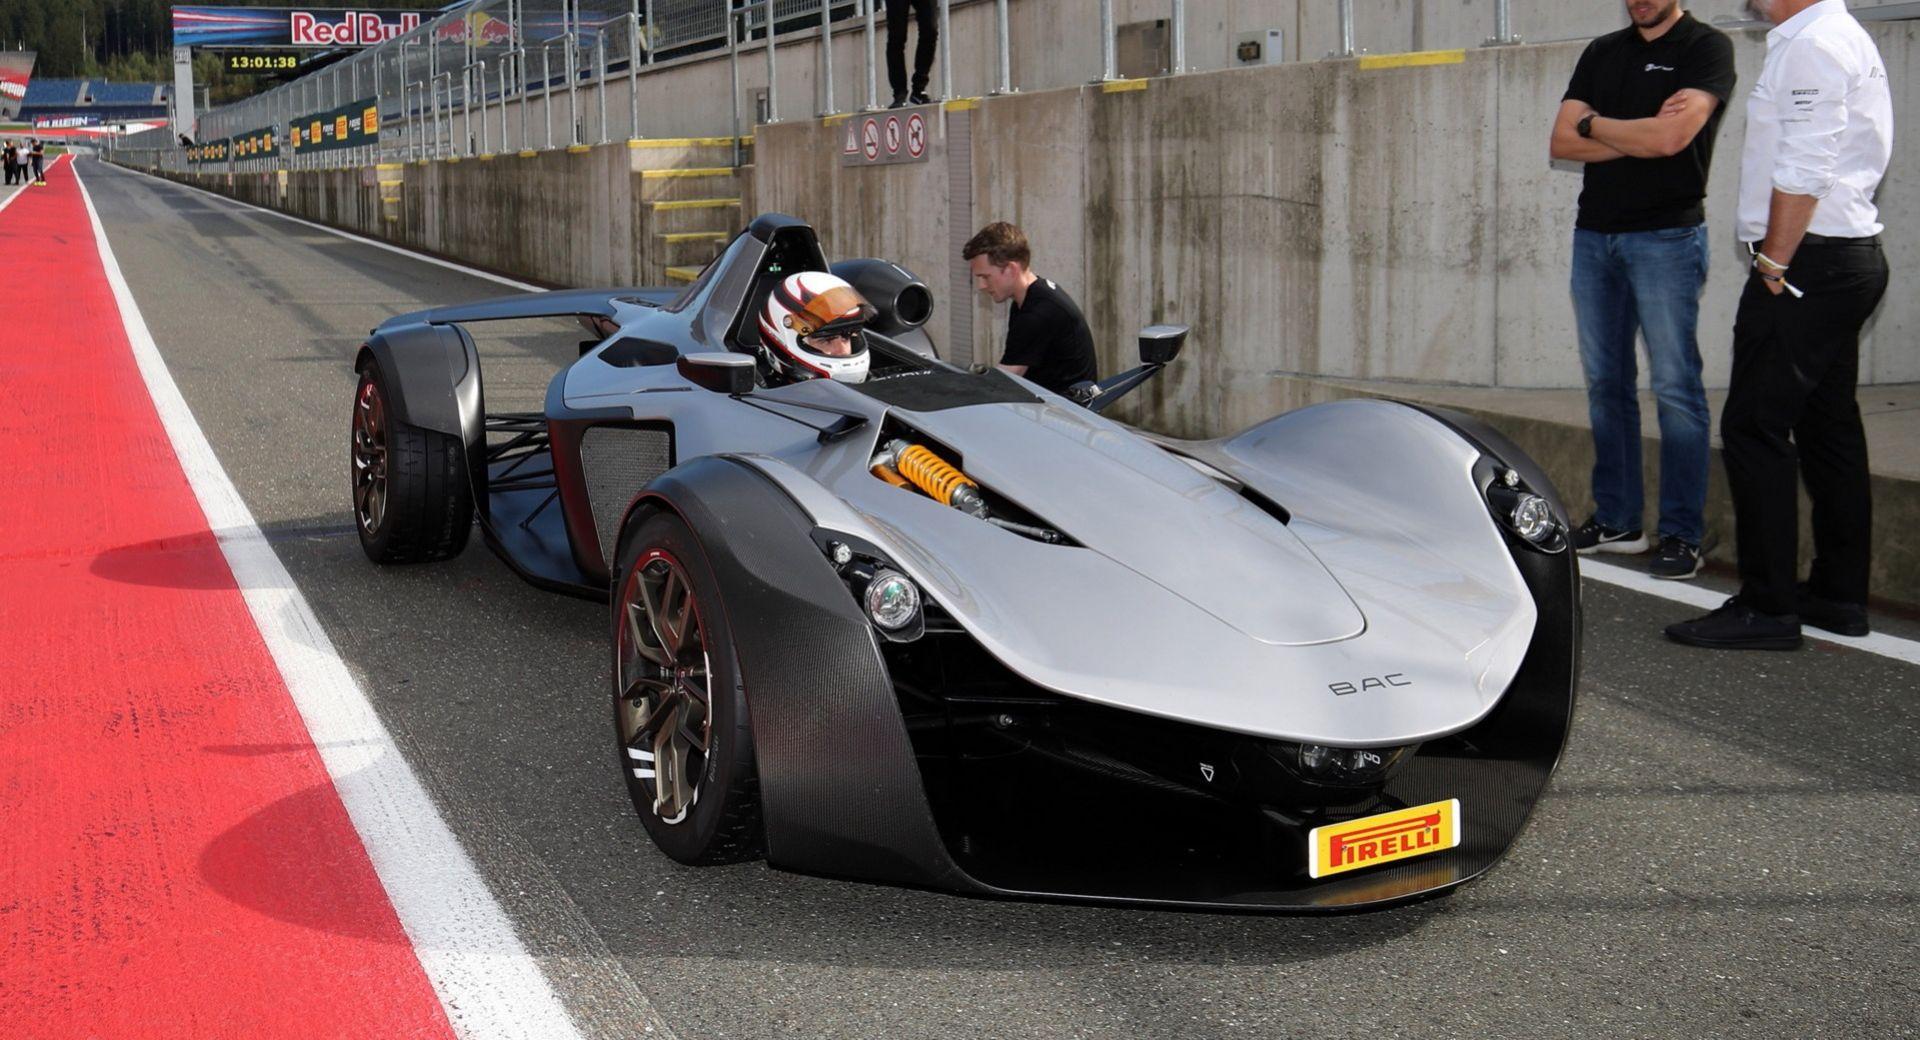 BAC Mono R har satt varvrekord på Red Bull Ring